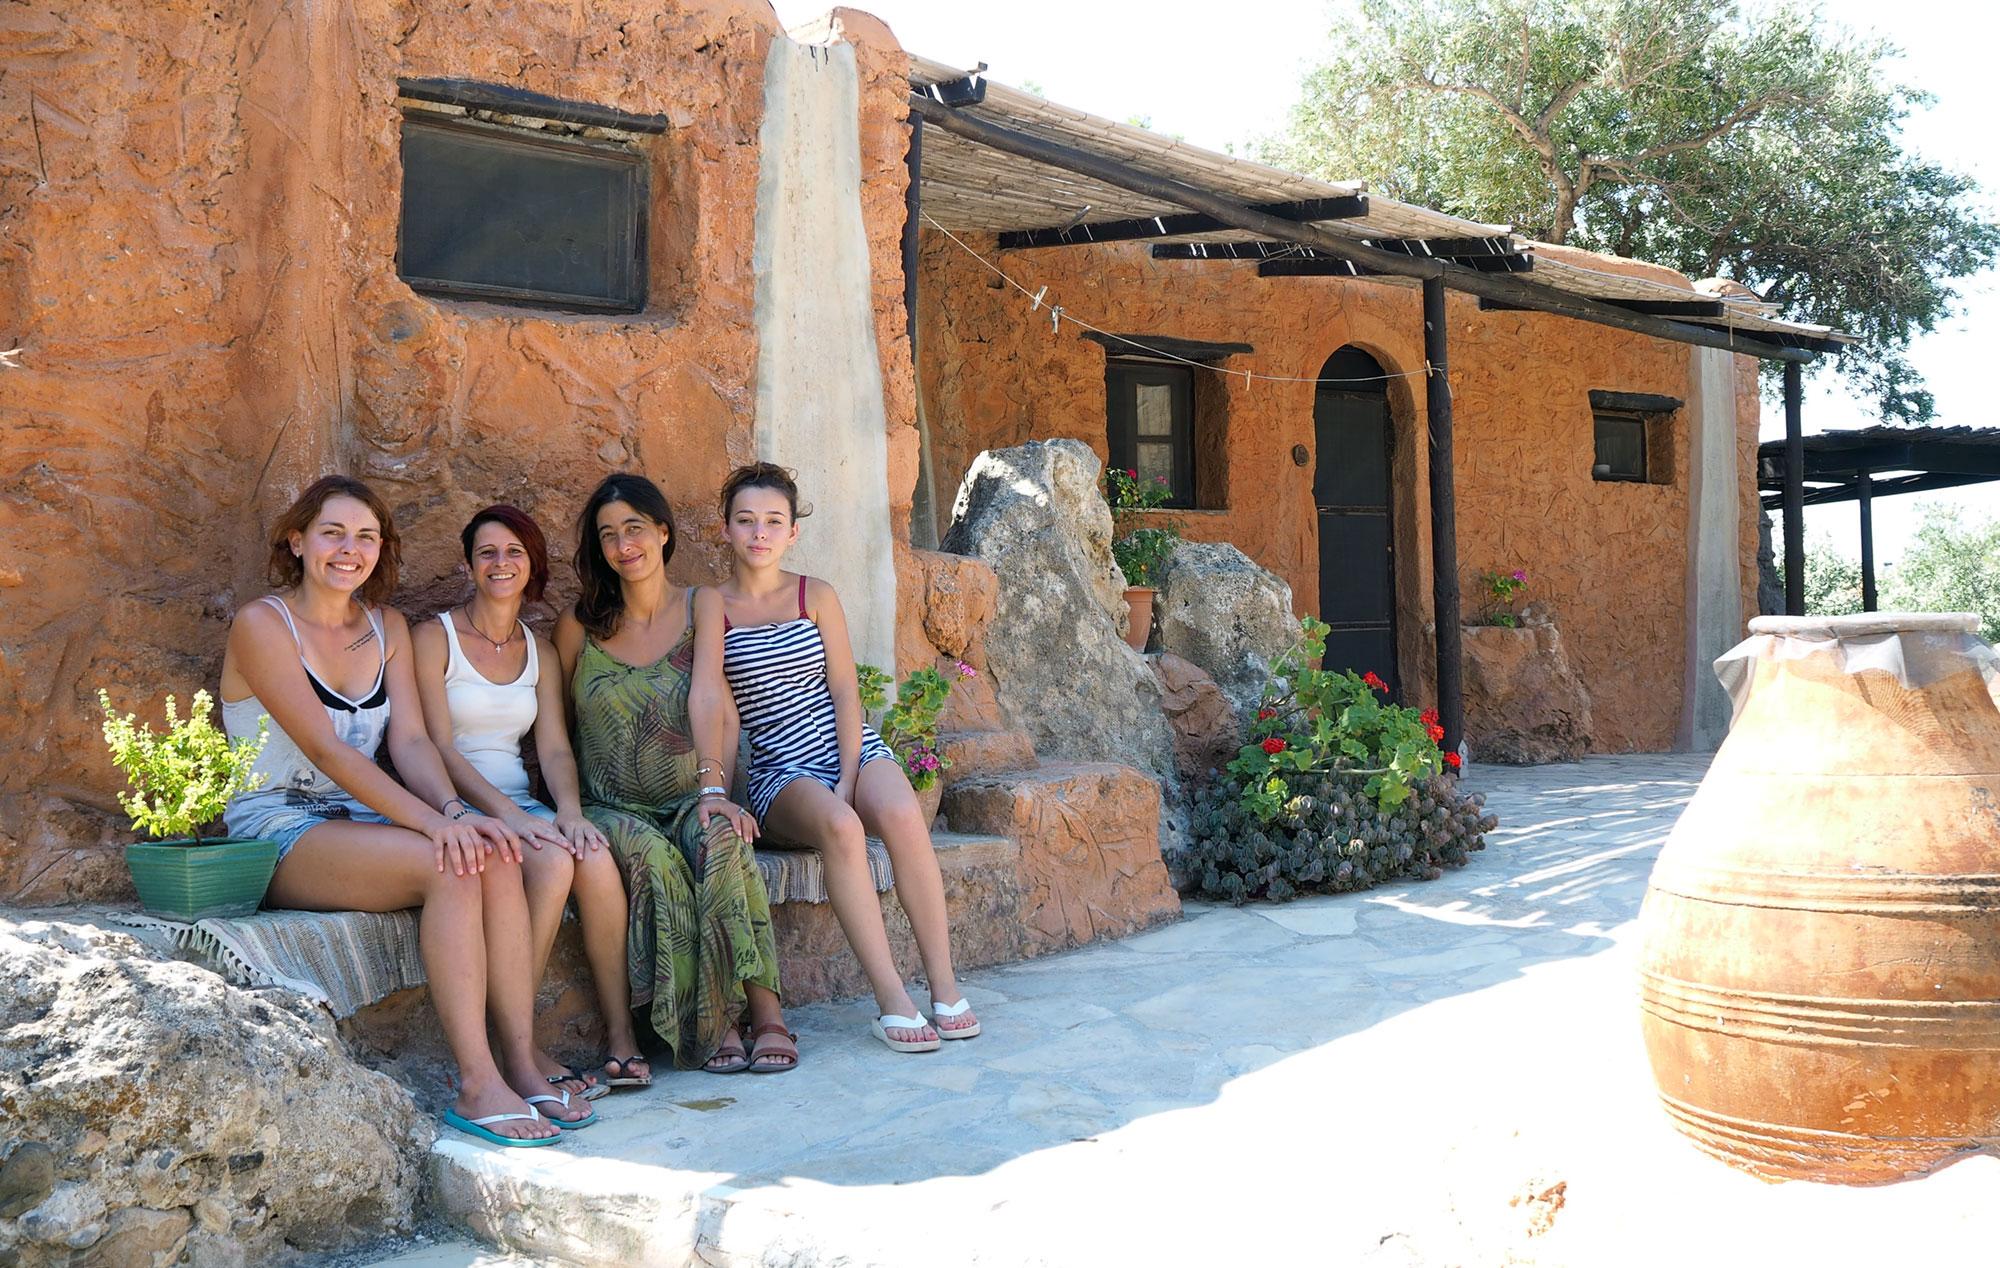 Myrto (zweite von rechts) mit ihren drei Mitarbeiterinnen